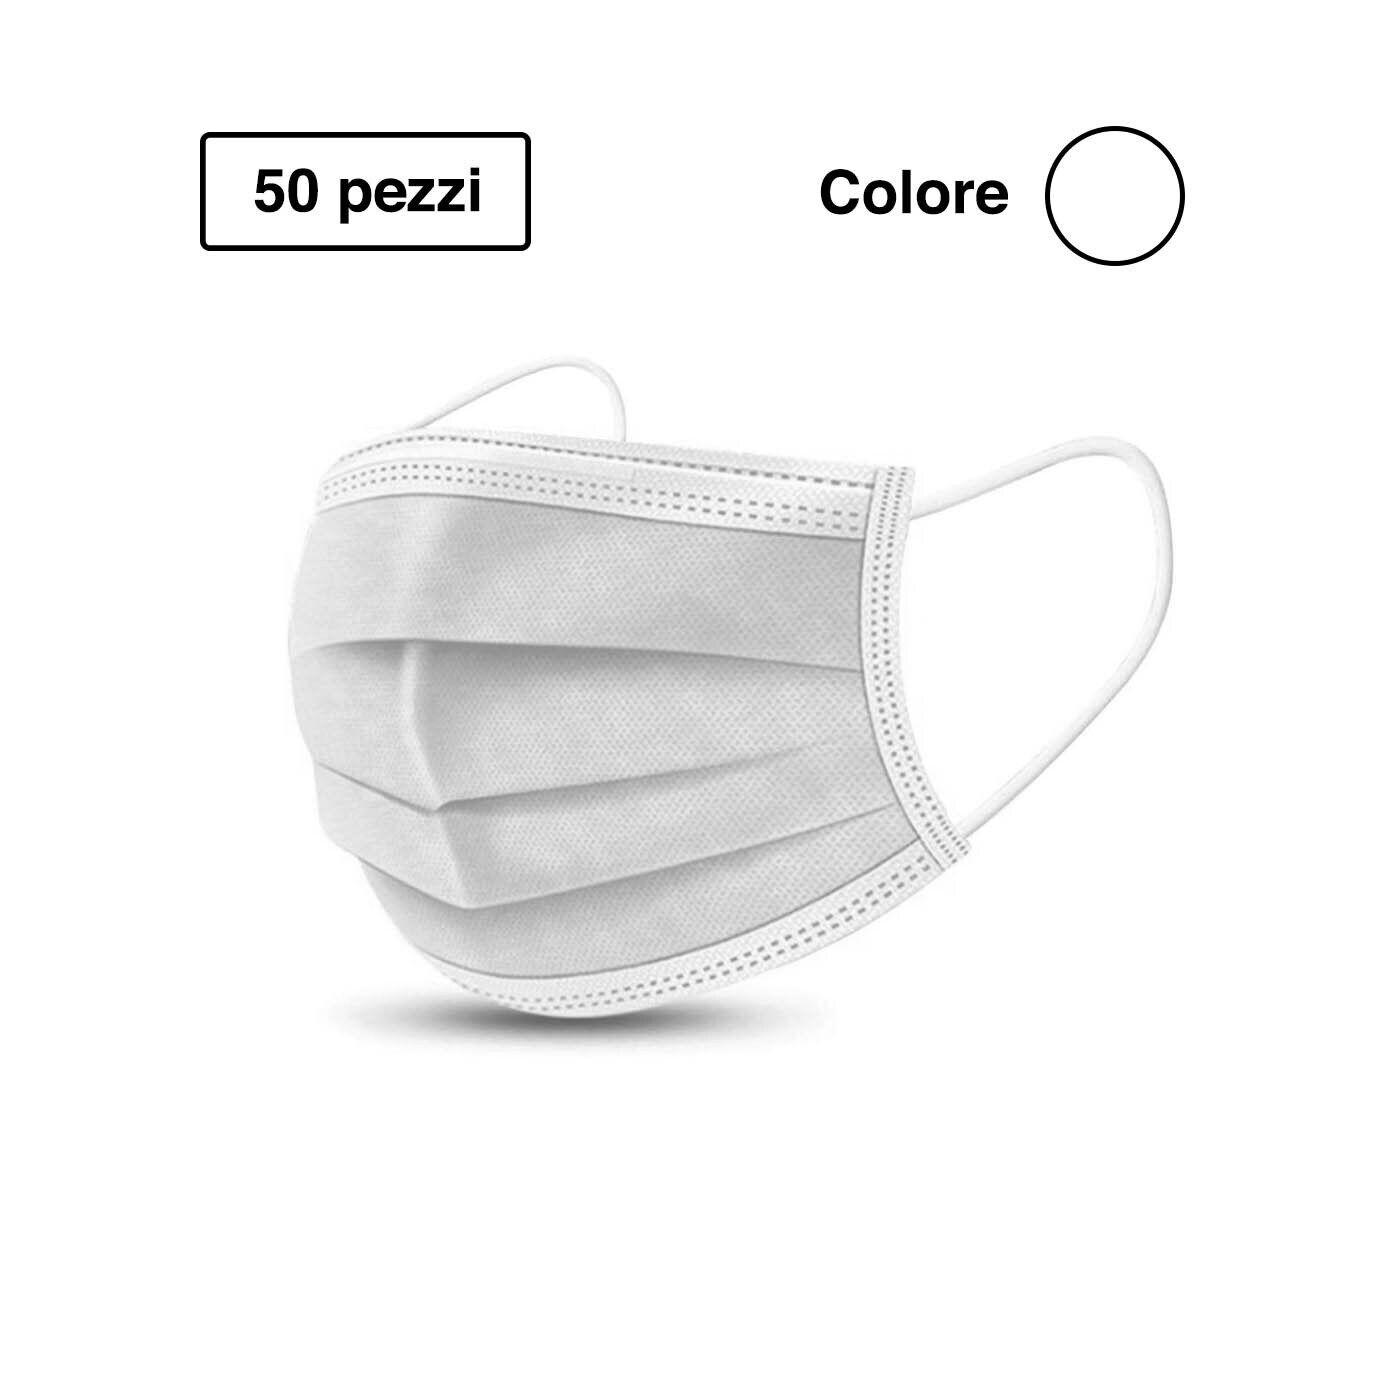 Mascherine Chirurgiche 3 veli filtranti Dispositivo Medico 50 pezzi colore Bianco